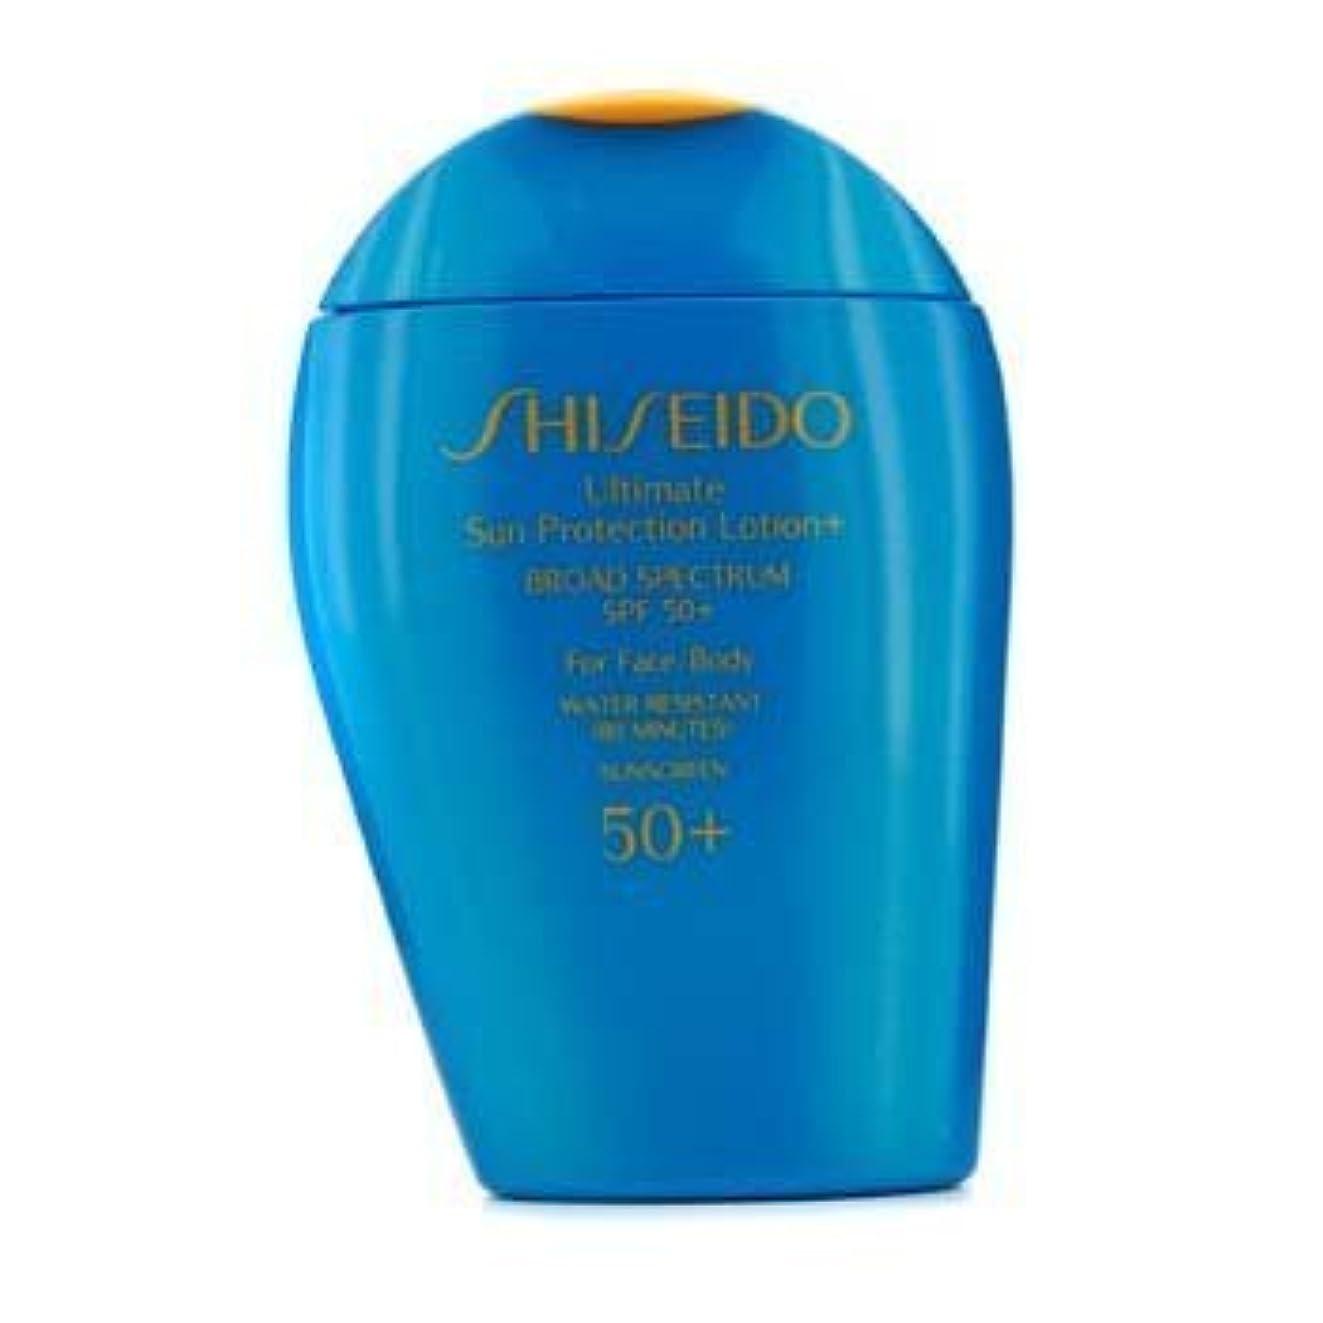 地上で写真マトリックスShiseido Ultimate Sun Protection Face & Body Lotion SPF 50+ - 100ml/3.3oz by Shiseido [並行輸入品]